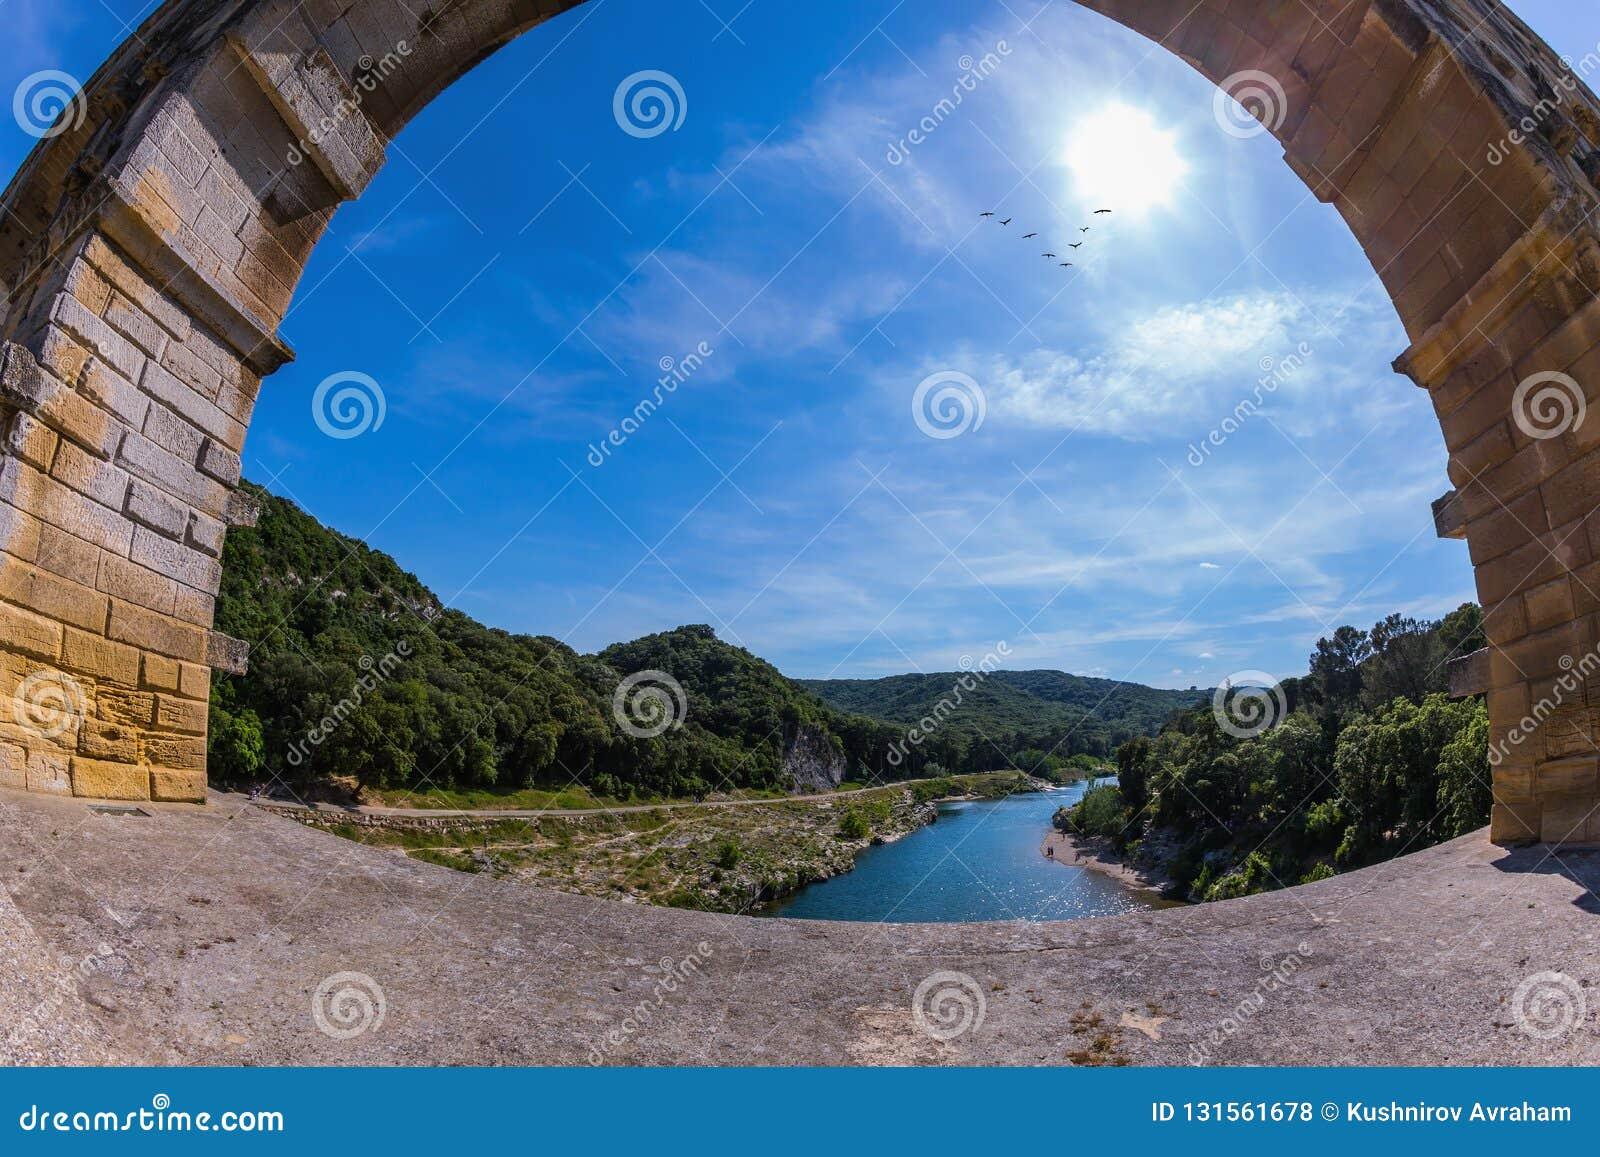 Часть моста Одна пядь моста сфотографированный объектив Fisheye 3-tiered мост-водовод Pont du Гар - самая высокая в Европе